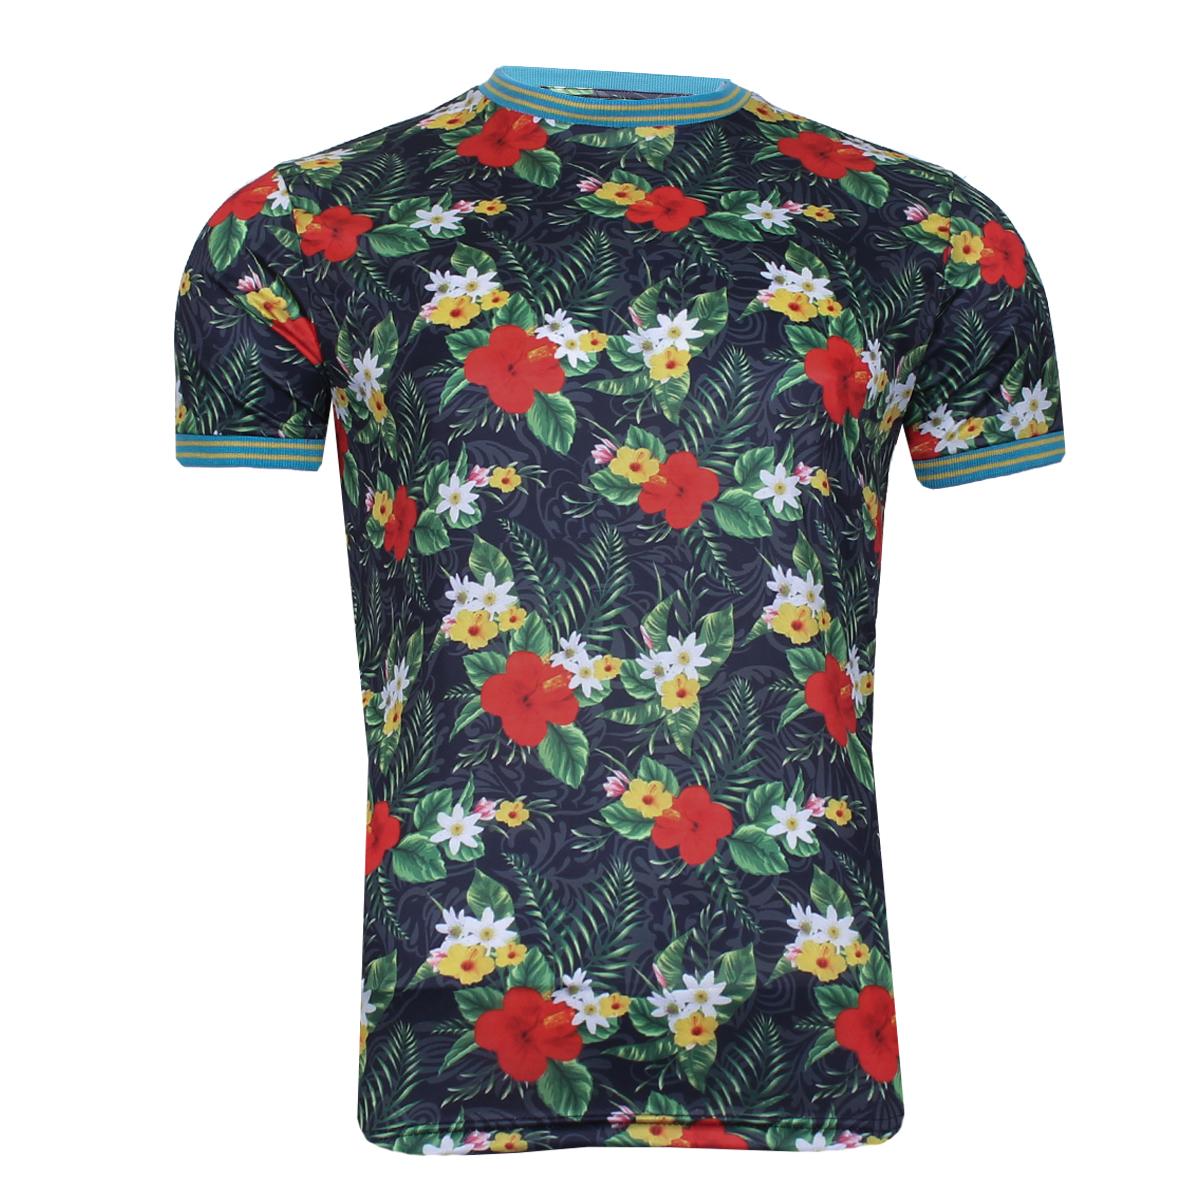 Mens Brave Soul Fun Print Matching Hawaiian T-Shirts and Shorts